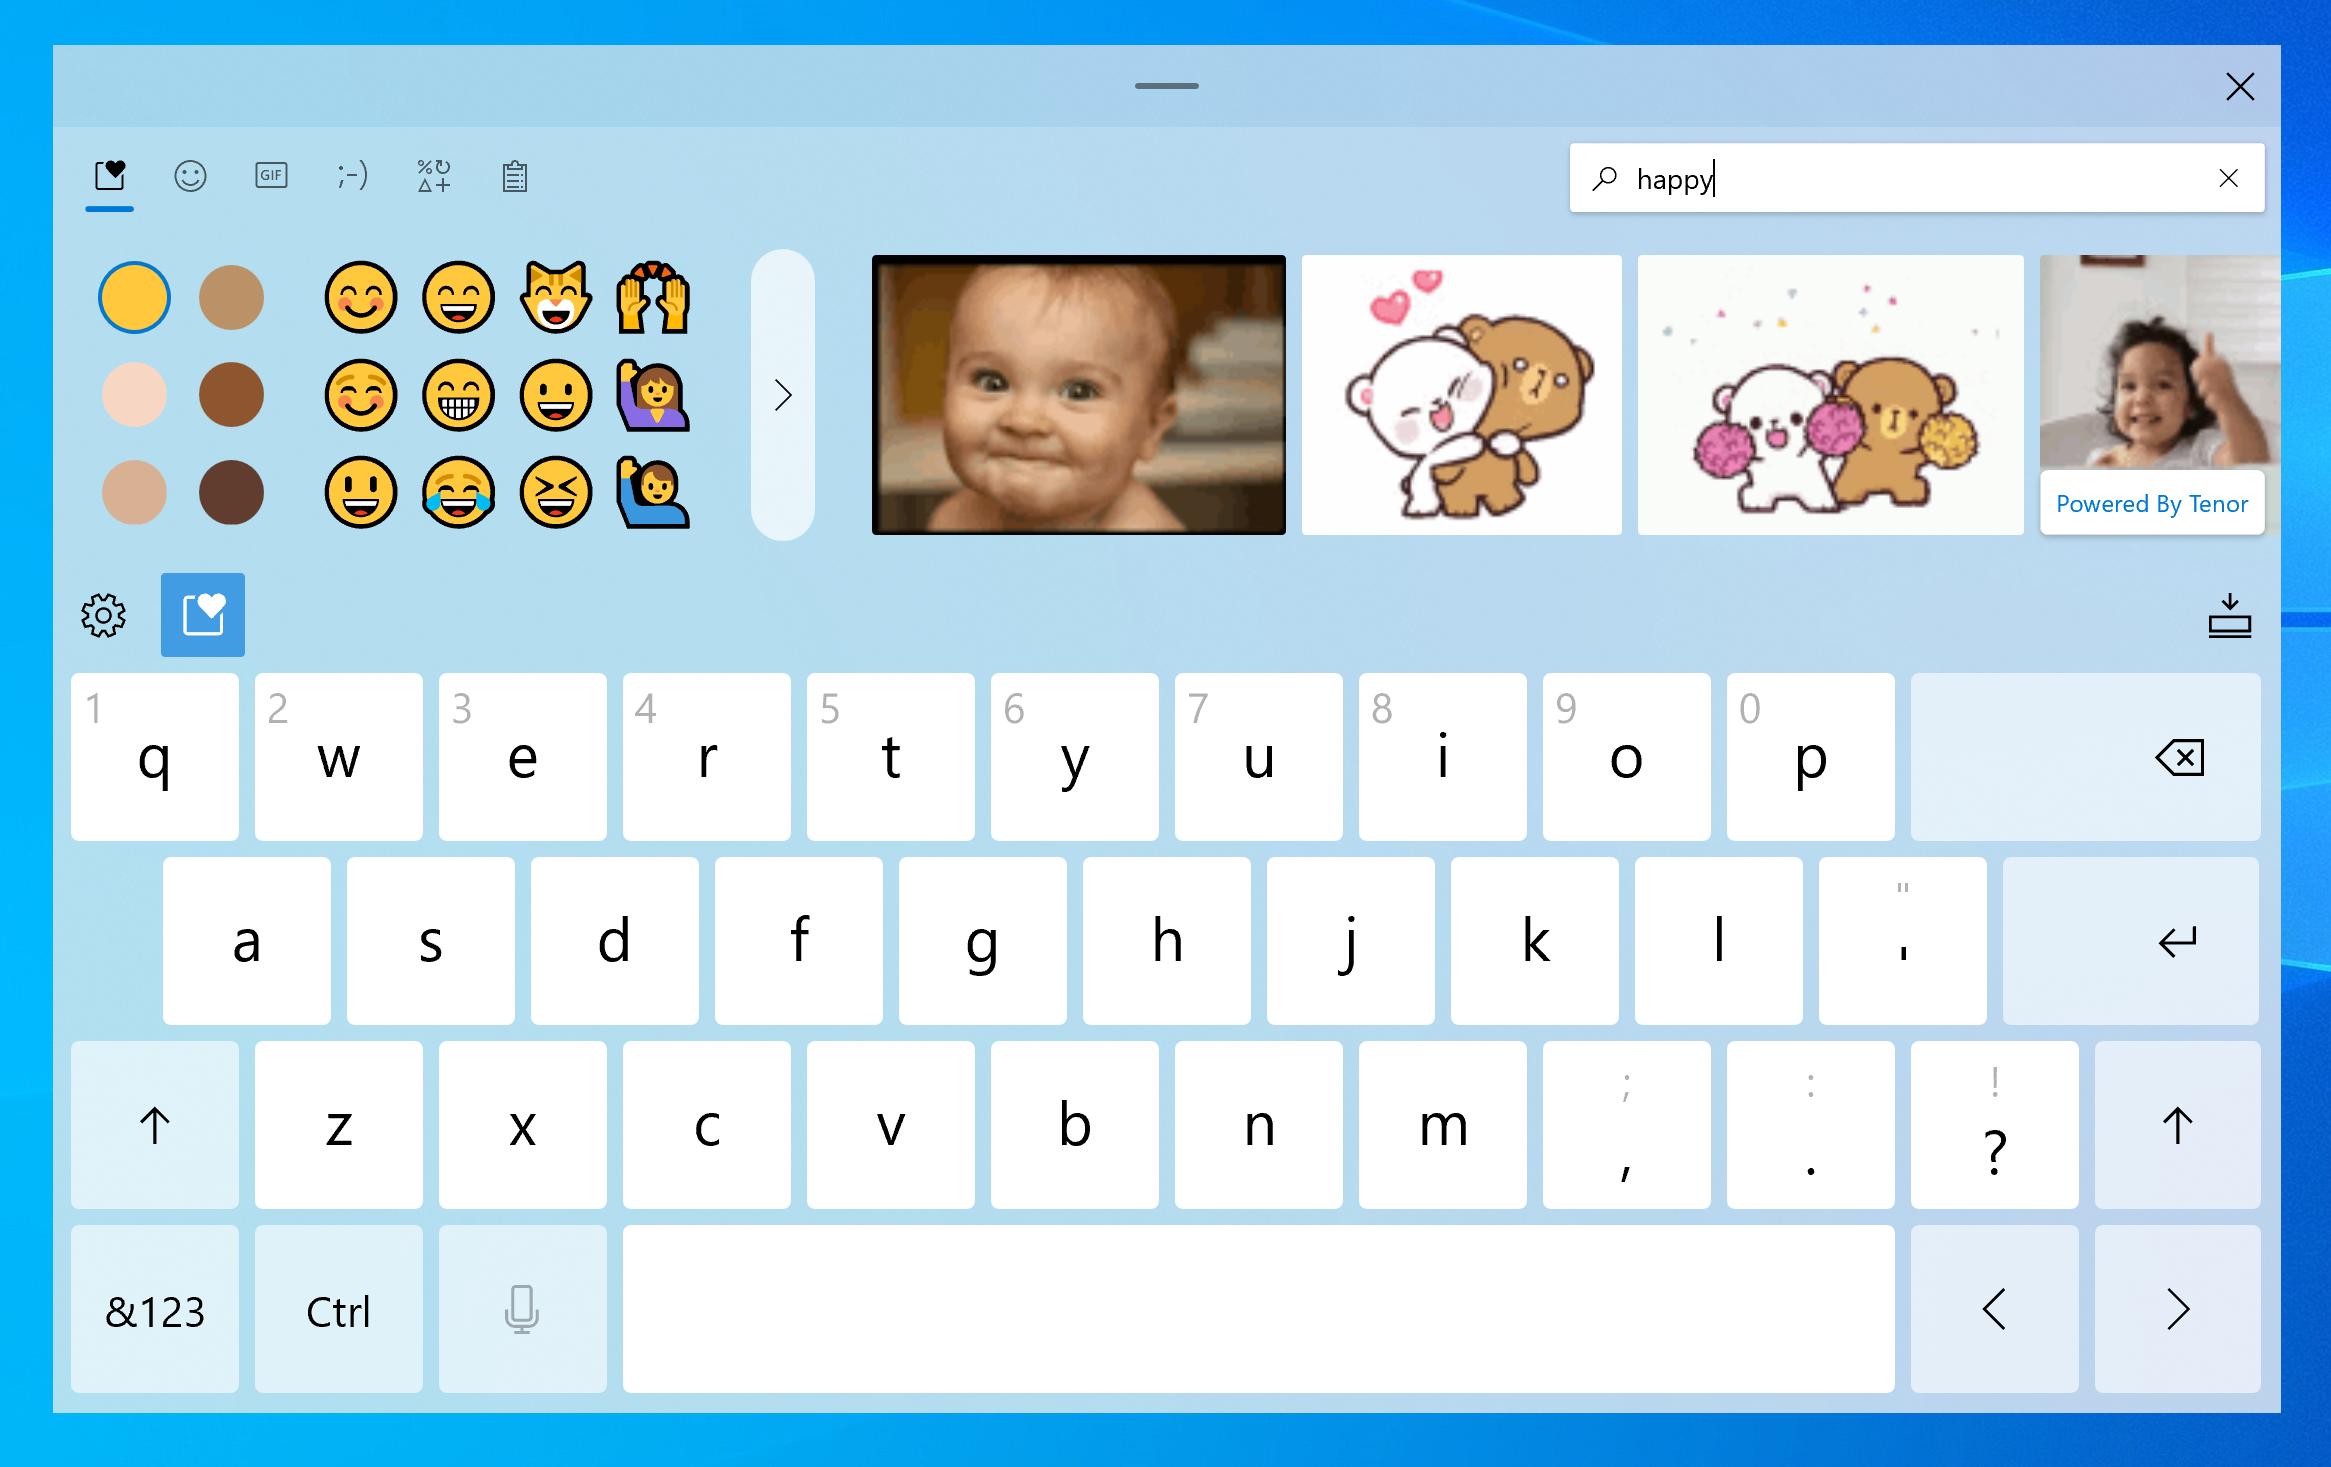 Обновленная сенсорная клавиатура в Windows 10